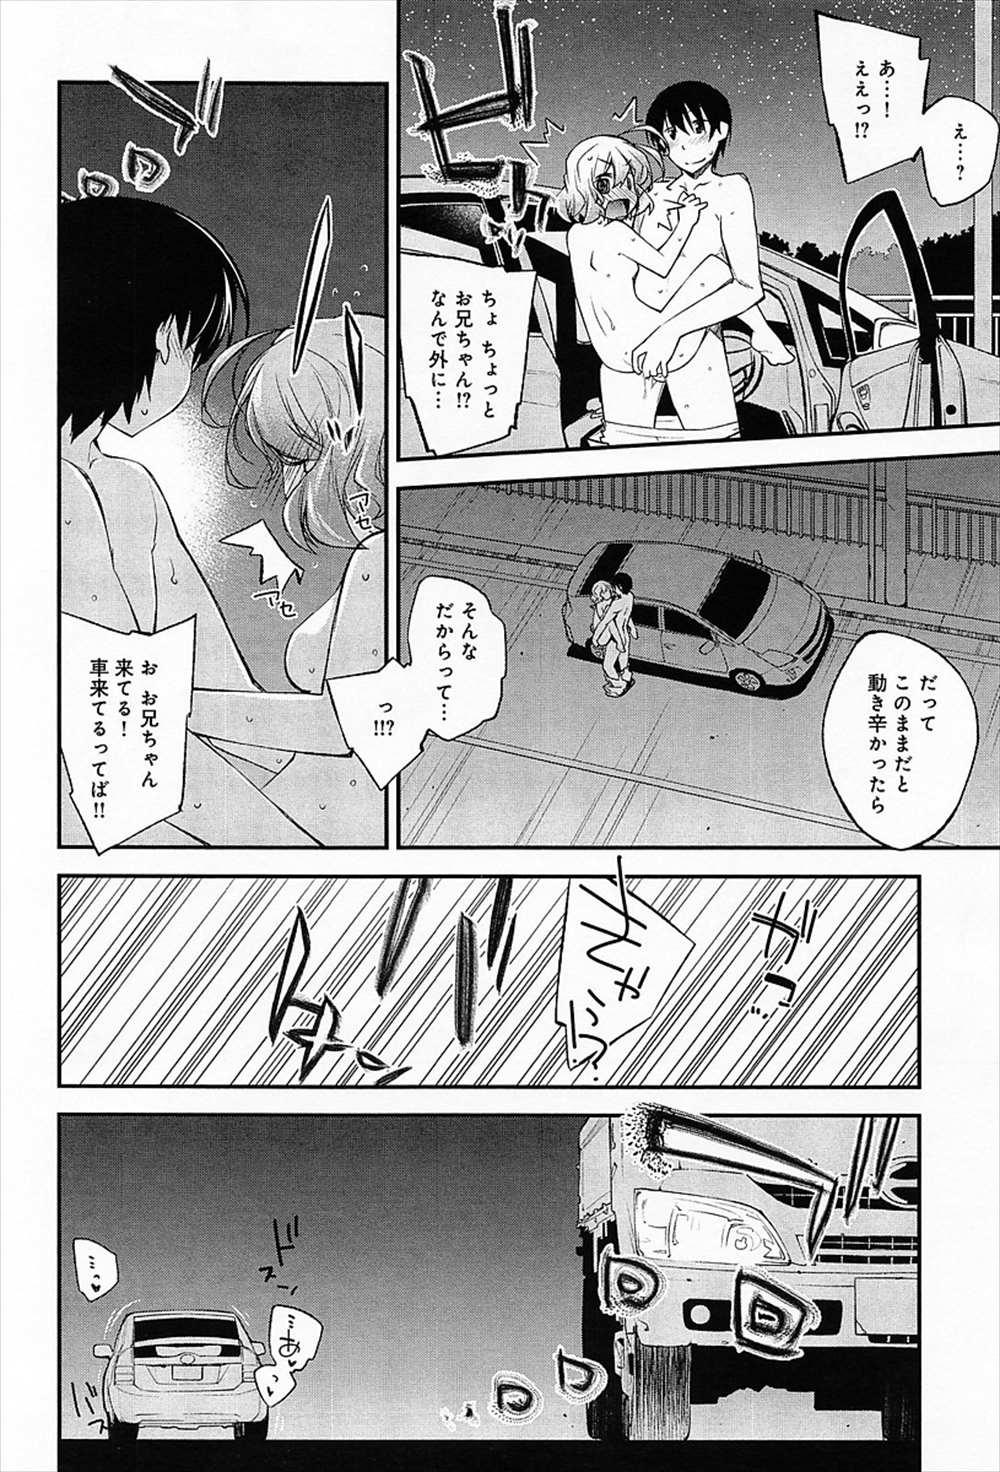 【エロ漫画】年下従姉妹とカードライブ…キスされて発情しカーセックスしちゃいましたww【小倉脩一:秘め事ドライブ】